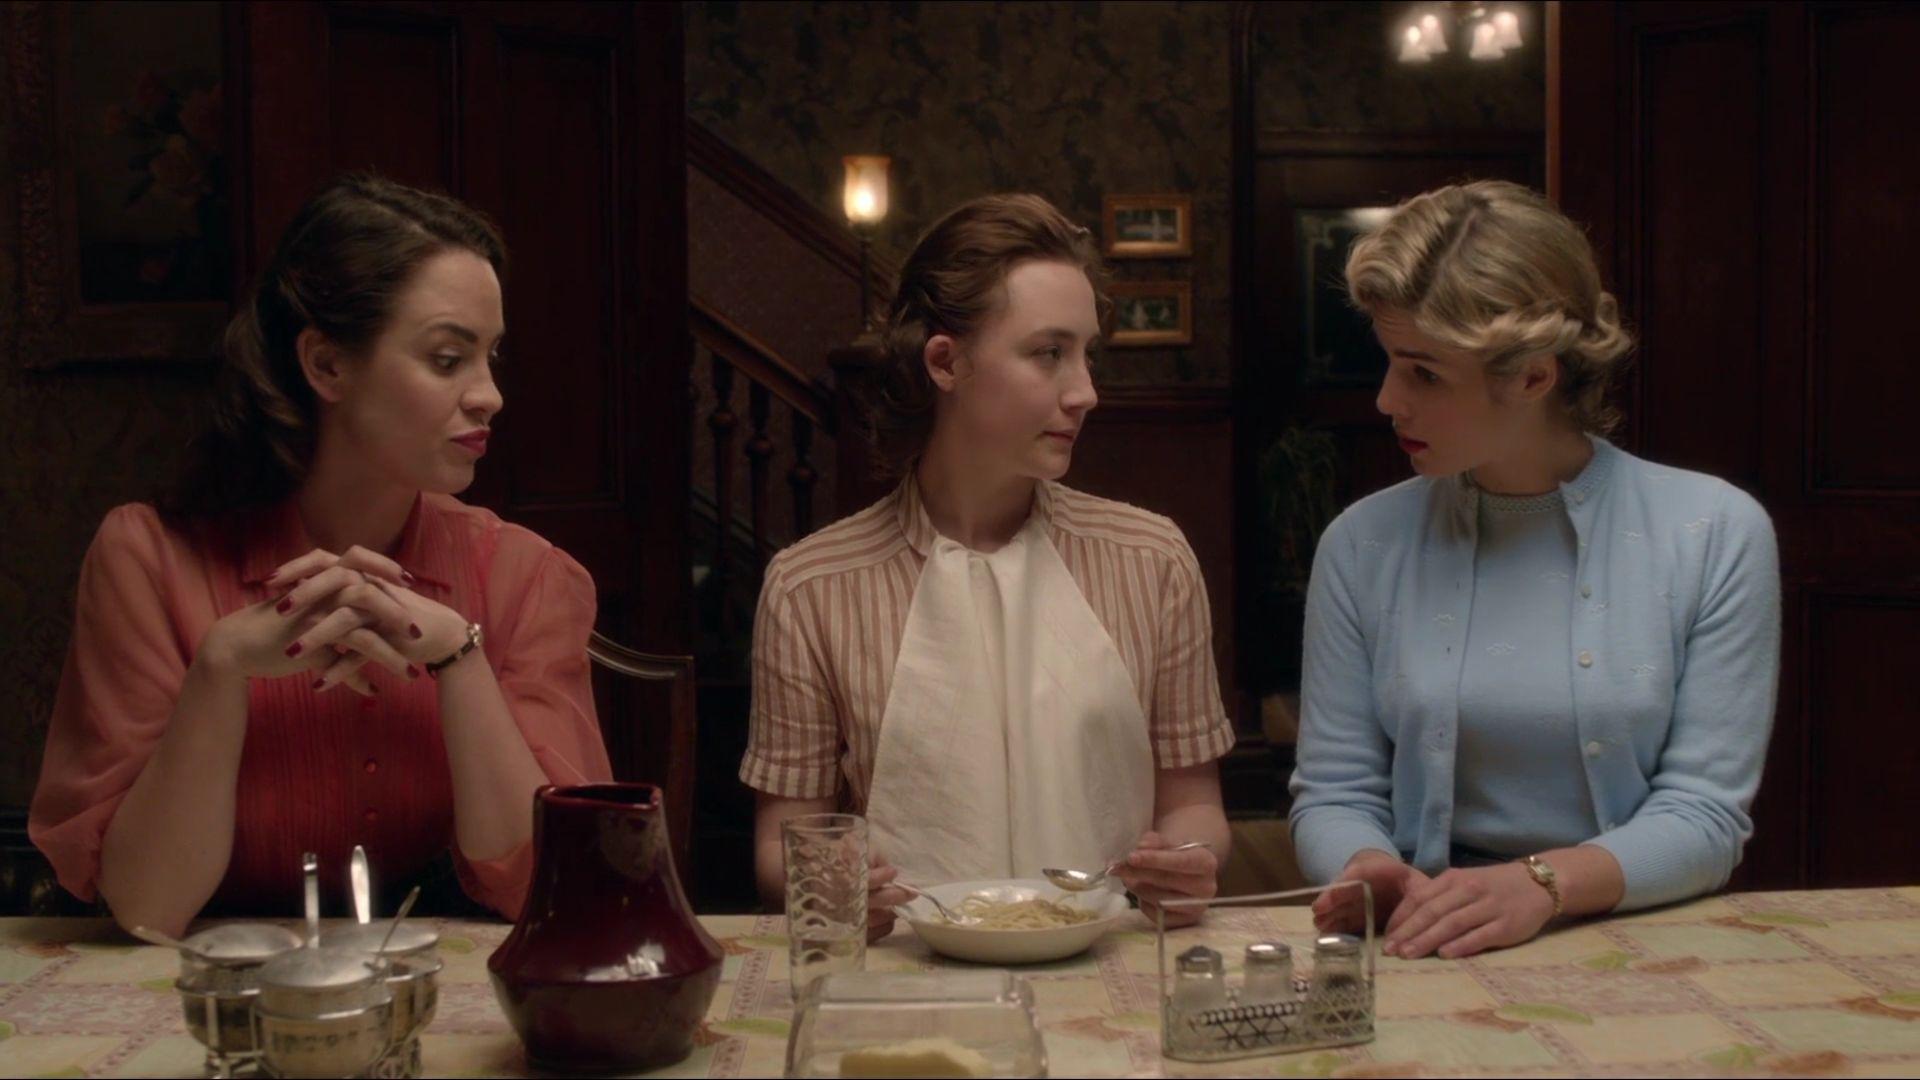 Brooklyn (2015) Emily Bett Rickards Screencaps